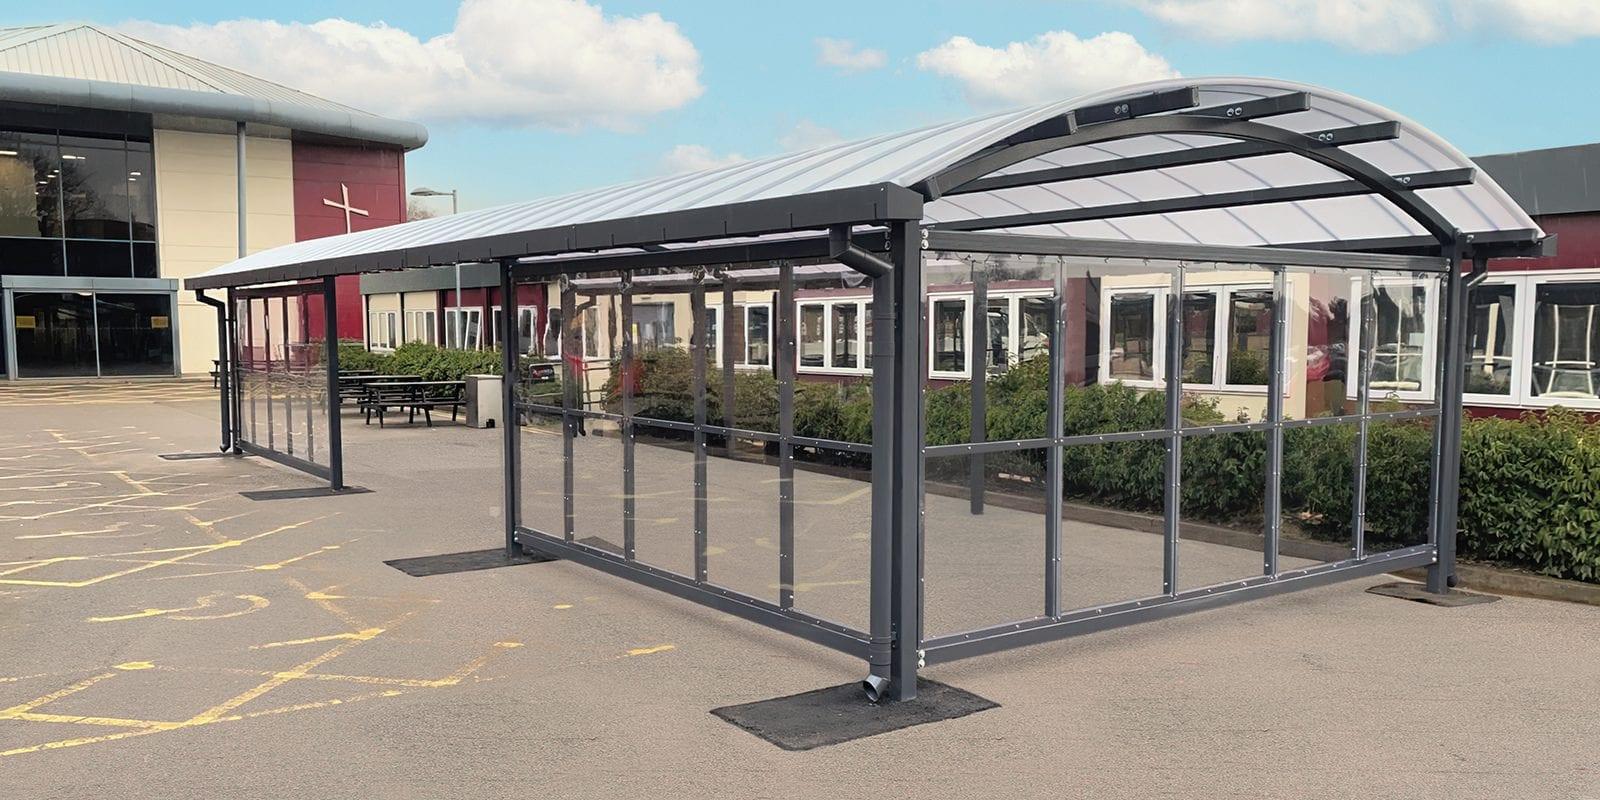 Curved roof shelter we designed for Archbishop Holgates School